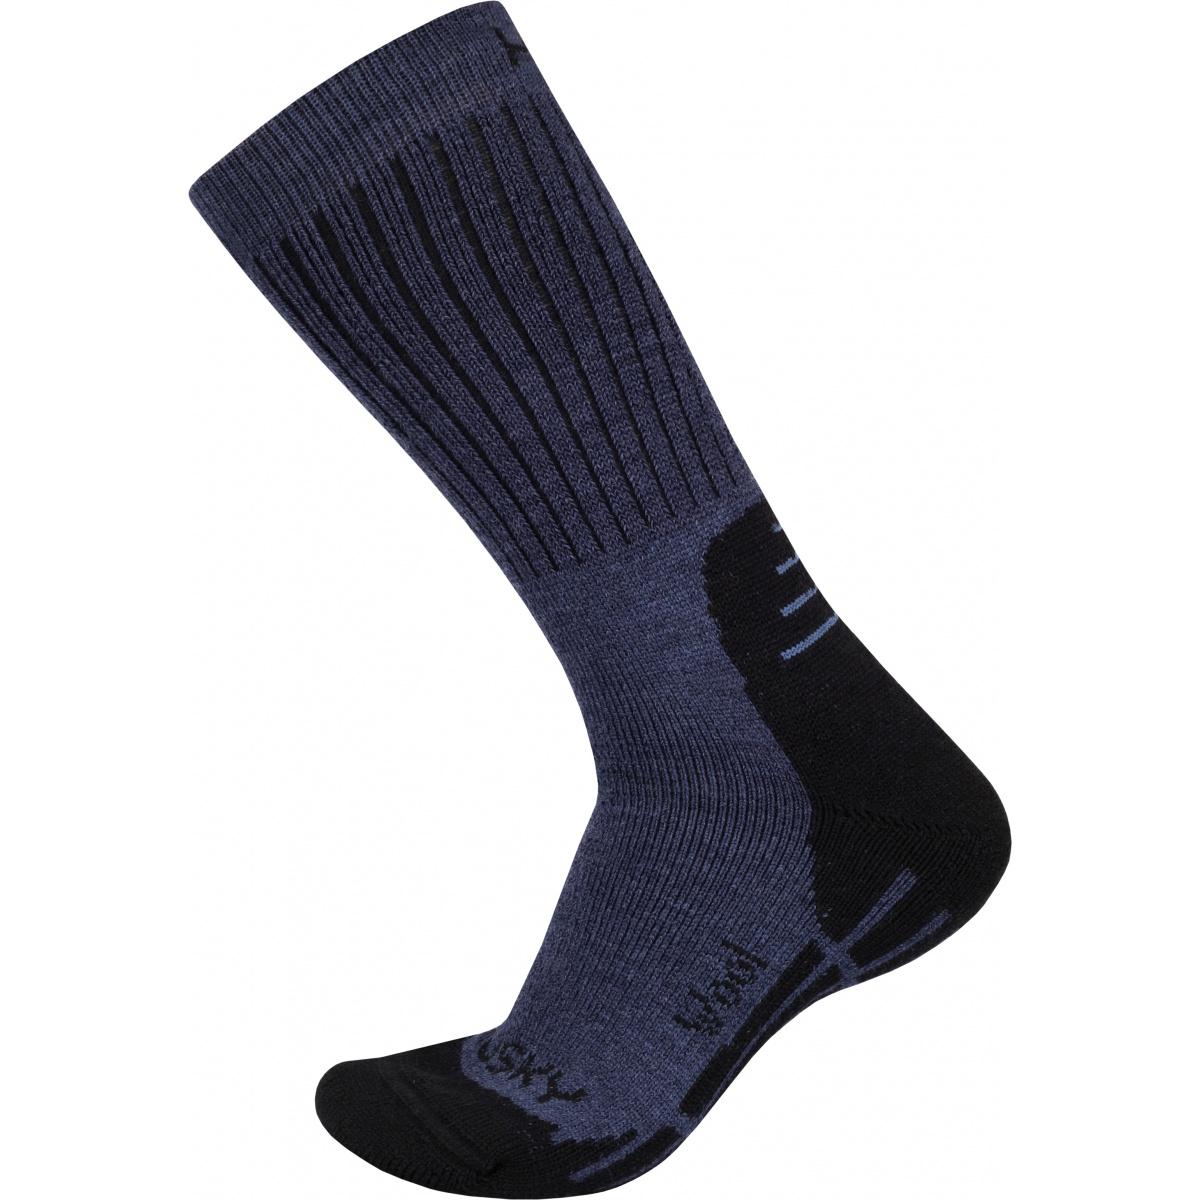 Ponožky - All Wool – modrá  b9ab288f4a